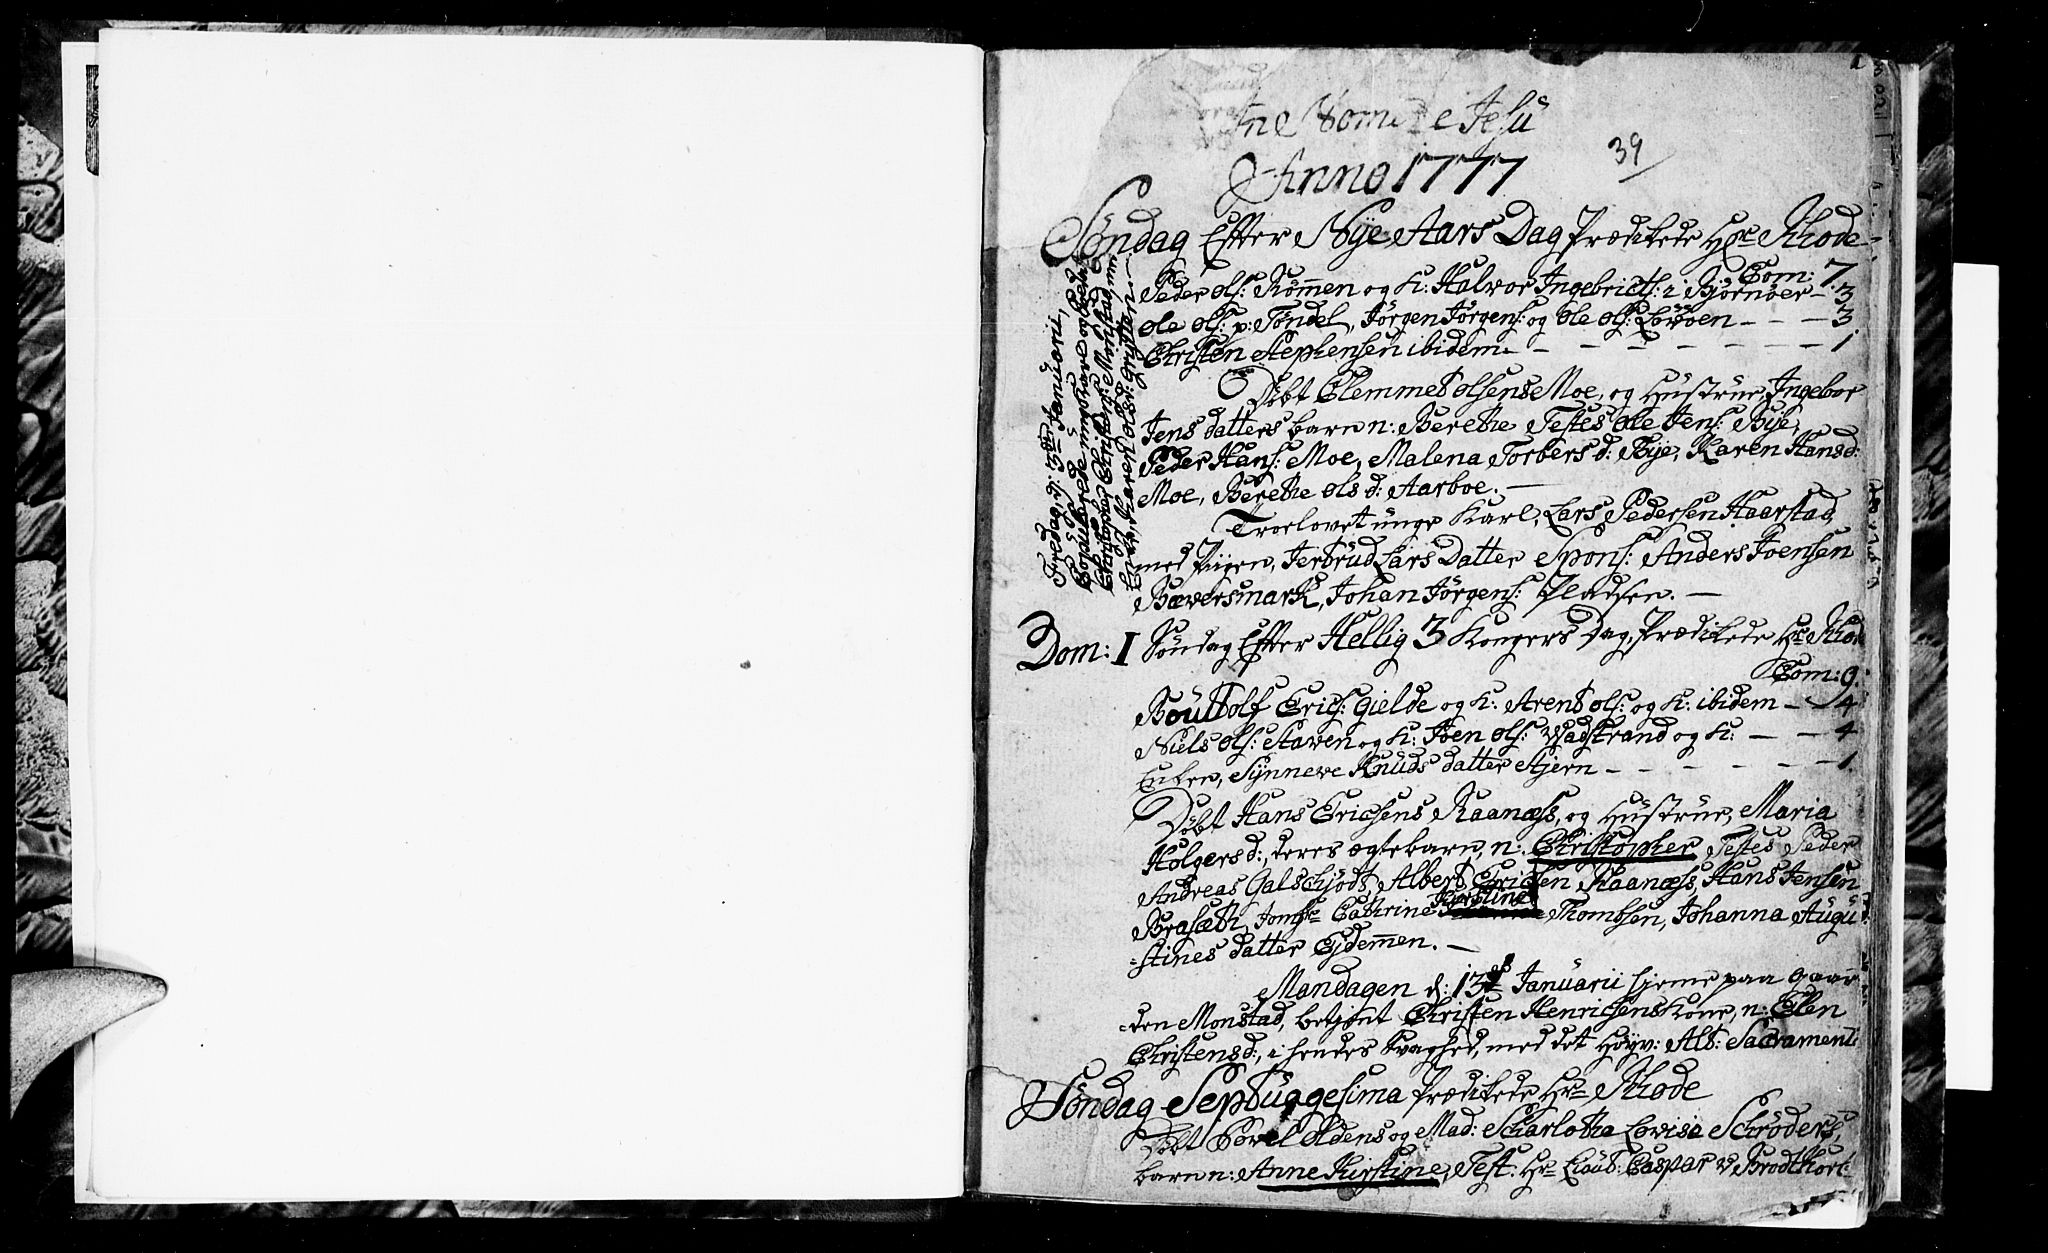 SAT, Ministerialprotokoller, klokkerbøker og fødselsregistre - Sør-Trøndelag, 655/L0685: Klokkerbok nr. 655C01, 1777-1788, s. 0-1